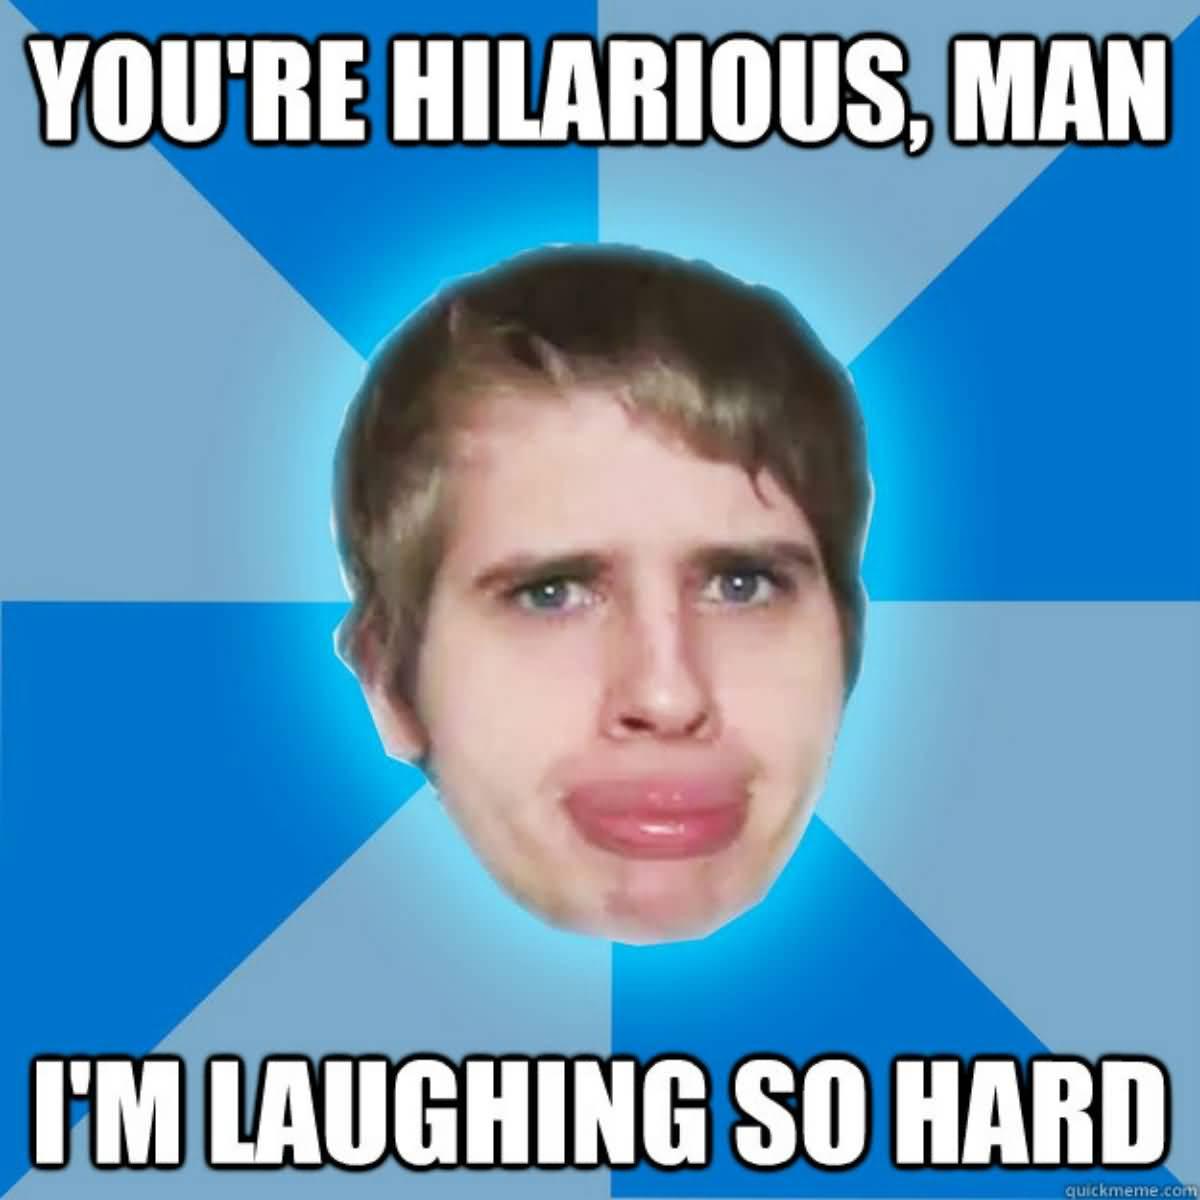 Sarcastic Meme Image Photo Joke 05